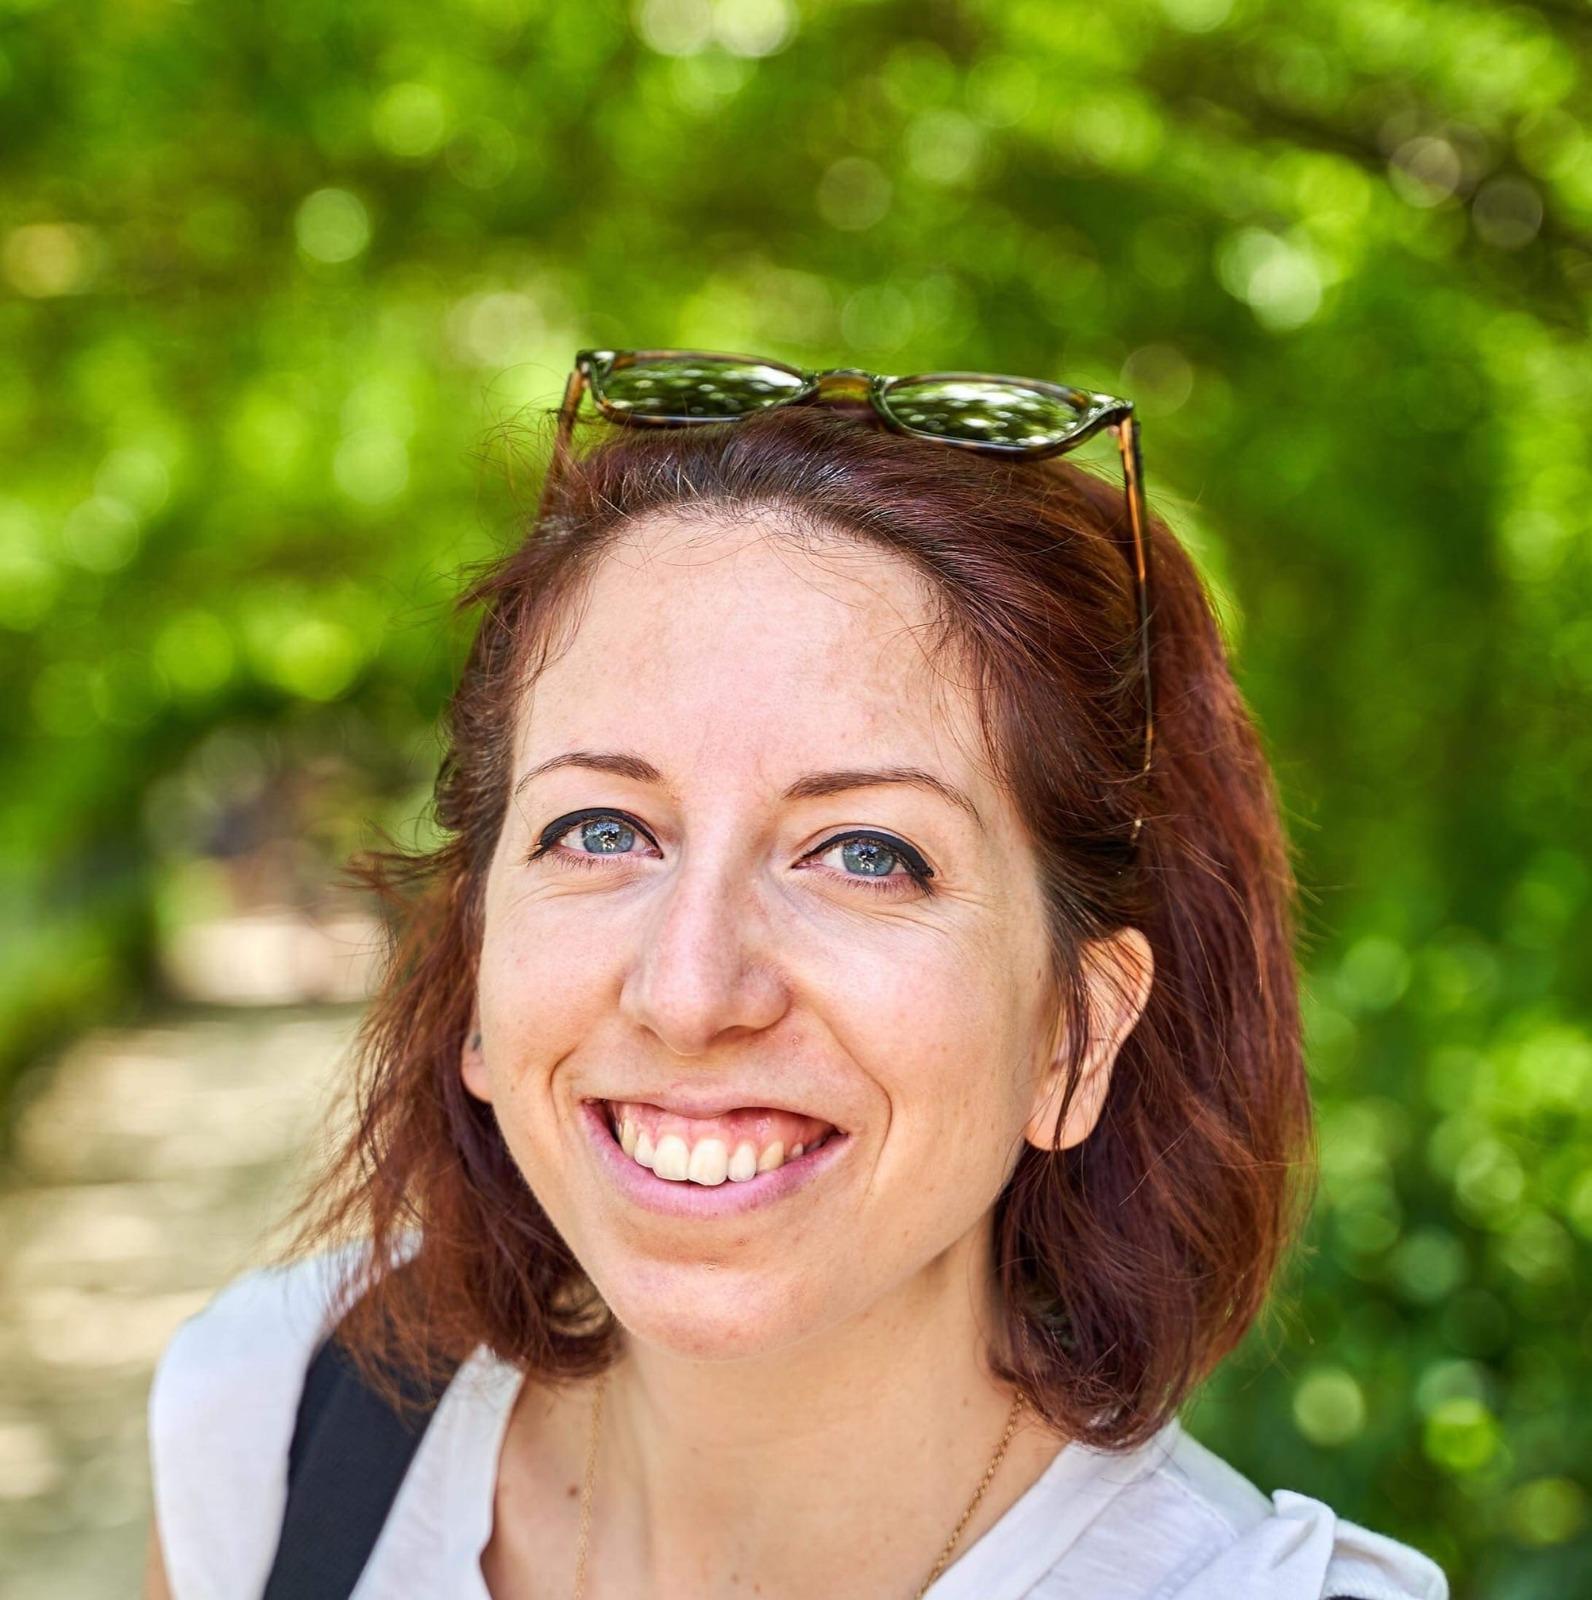 Chiara Bianchini